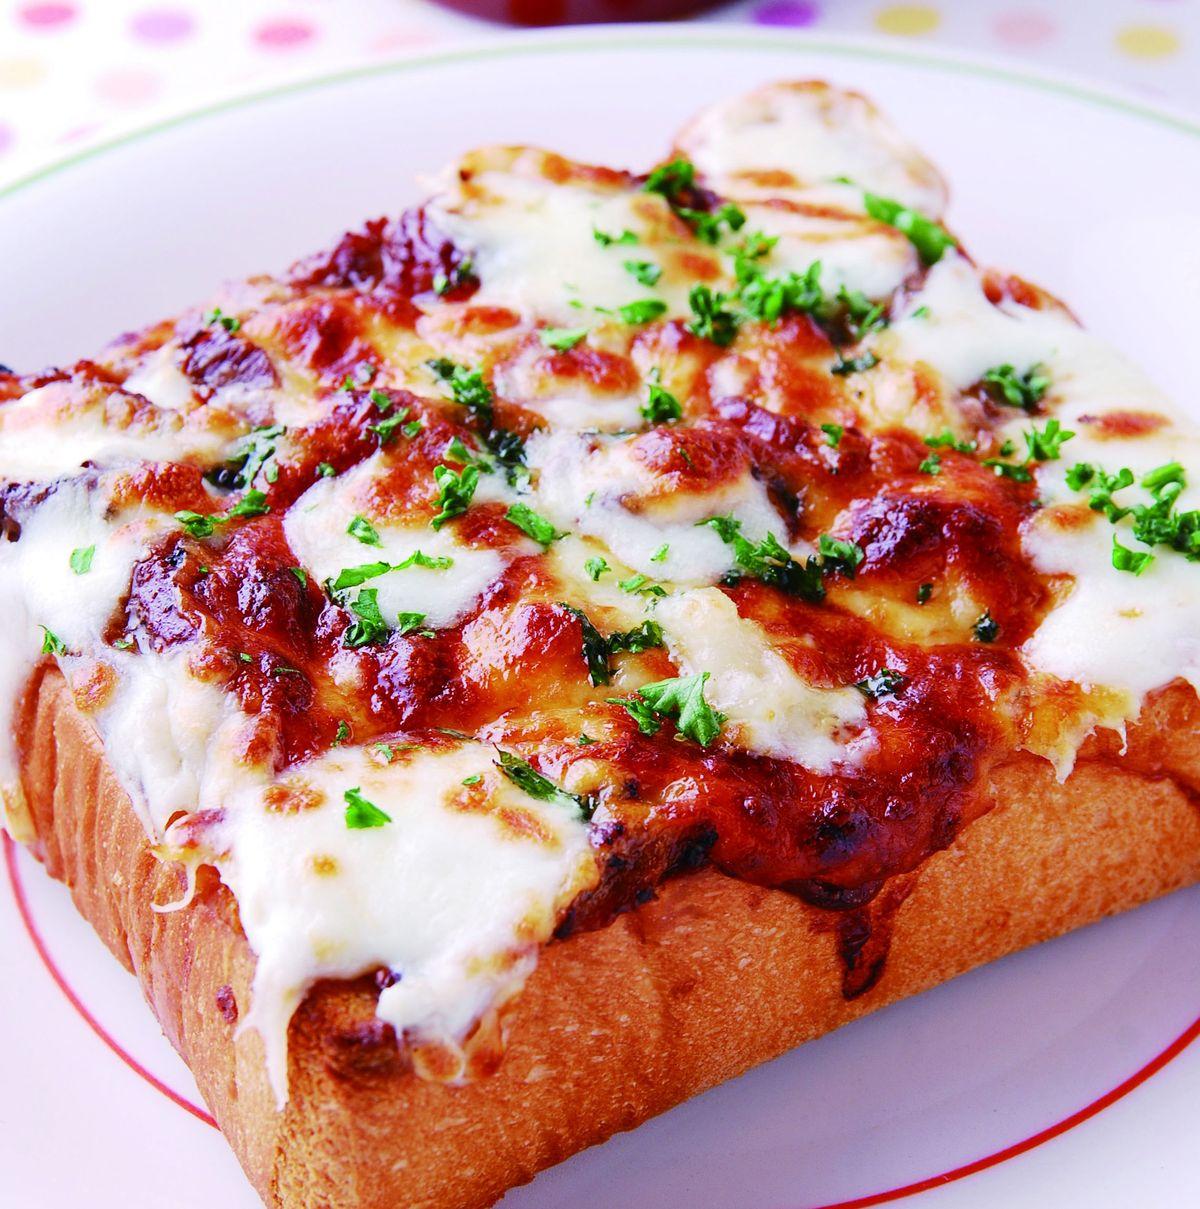 食譜:黑胡椒牛肉披薩(1)